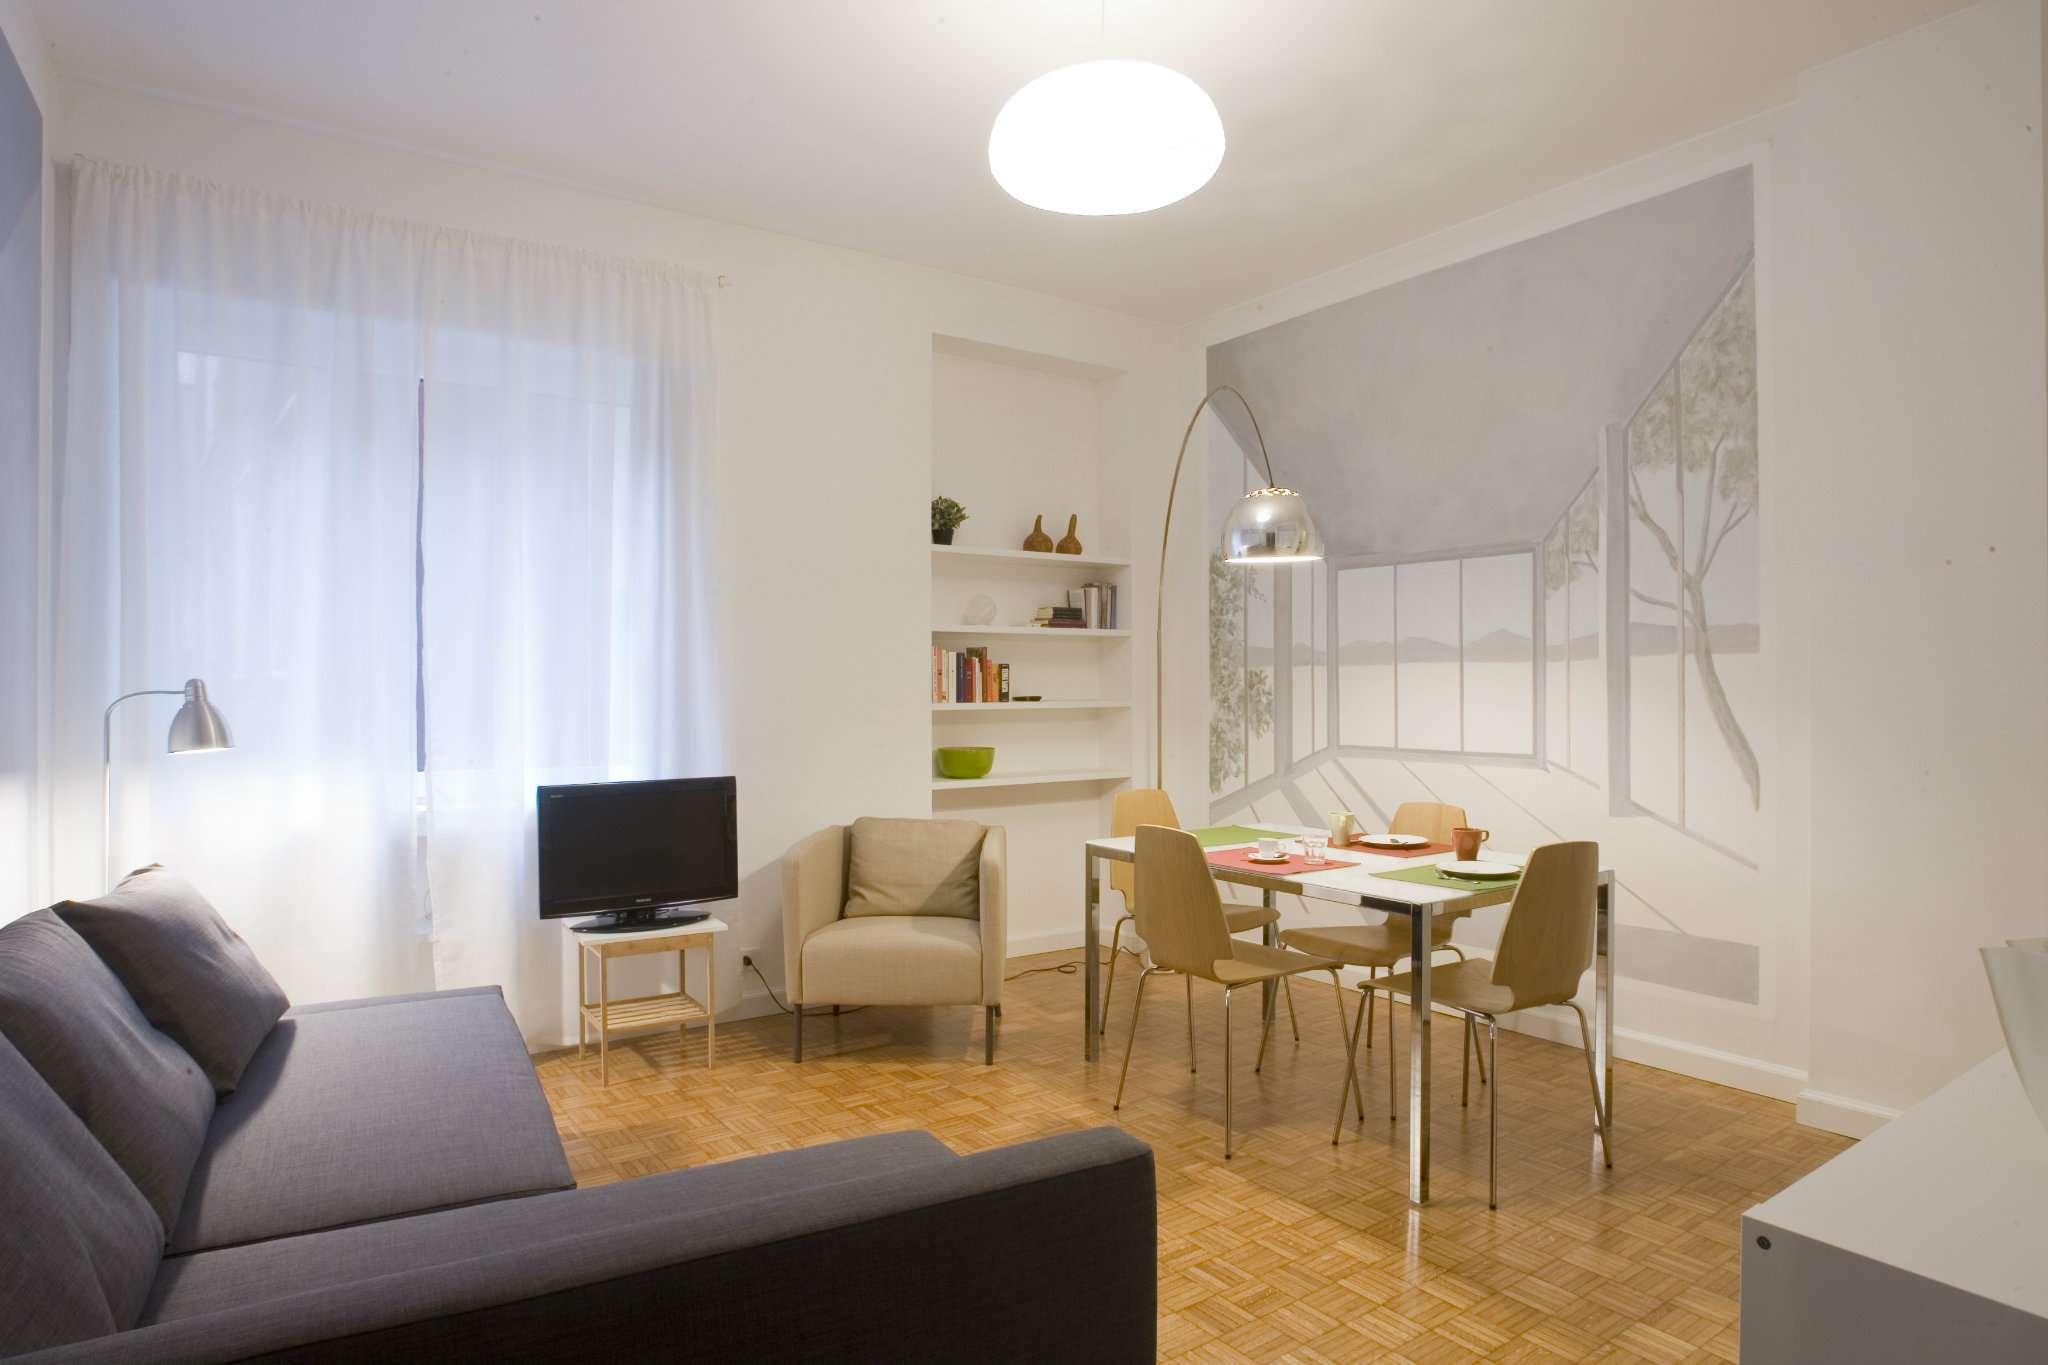 Appartamento in affitto a Milano, 2 locali, zona Zona: 1 . Centro Storico, Duomo, Brera, Cadorna, Cattolica, prezzo € 1.300 | Cambio Casa.it